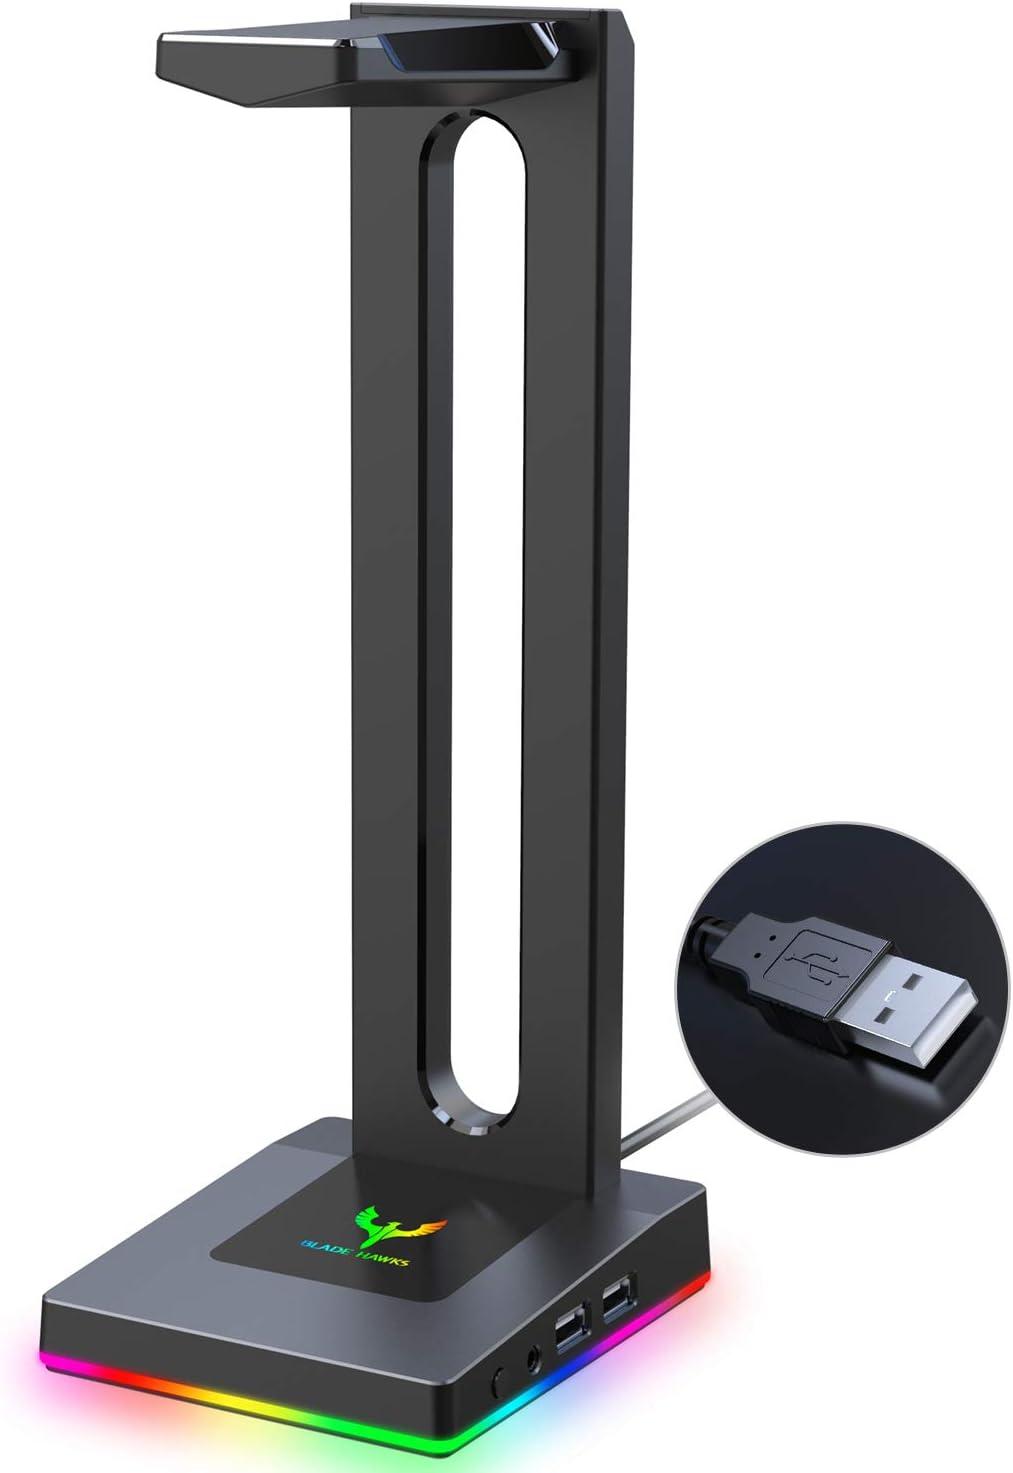 Blade Hawks RGB Gaming Soporte Auriculares, Universal Soporte Auriculares con 3.5mm AUX y 2 USB Puertos, Válido para Auriculares Sony, Bose, Shure, Jabra, JBL, AKG, para Juego y Pantalla